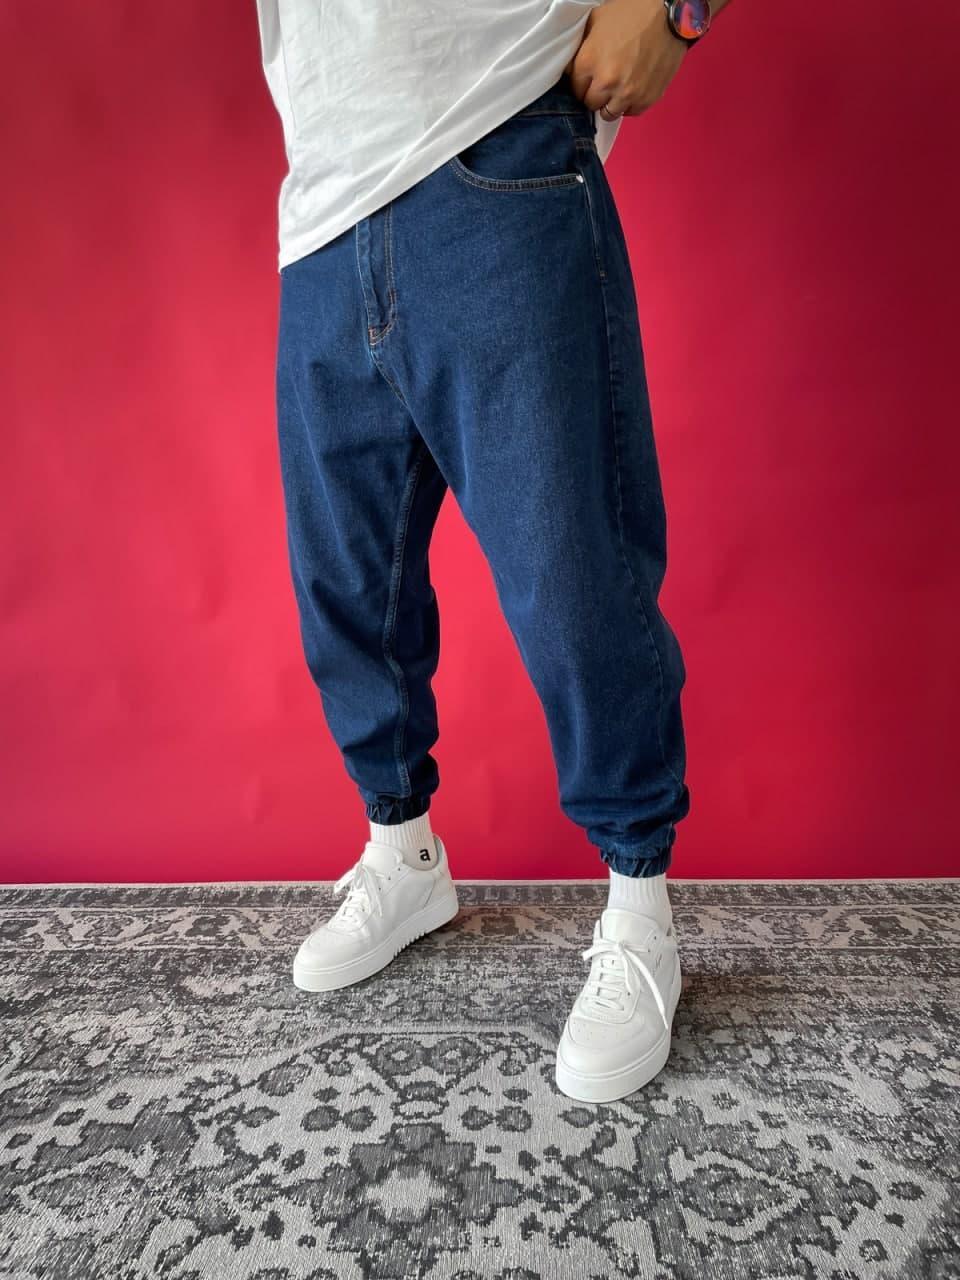 Джинси - трендові джинси Чоловічі / чоловічі трендові джинси сині на резинці